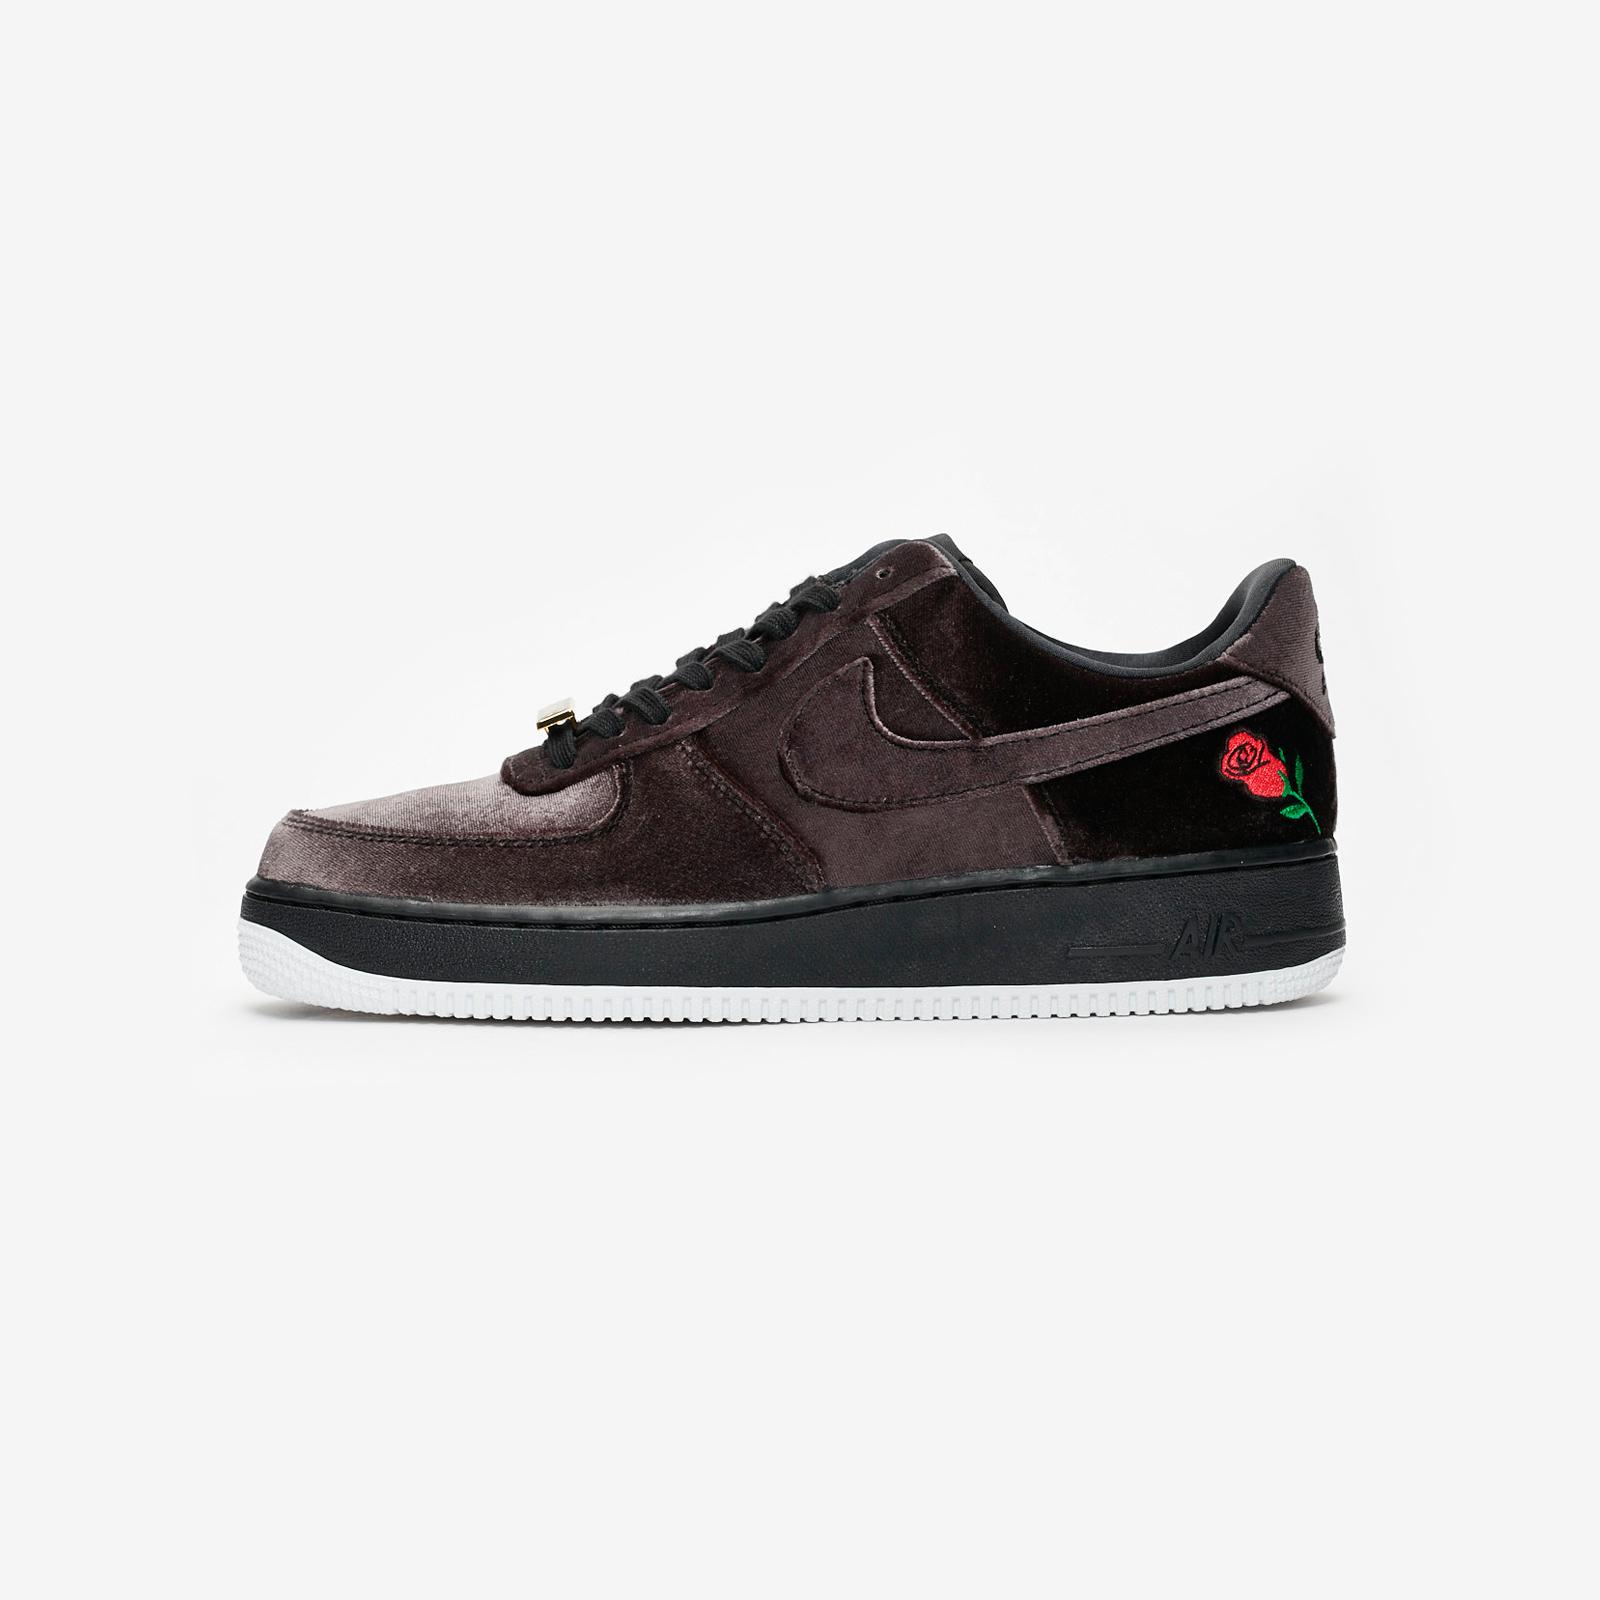 Nike Air Force 1 07 QS Ah8462 003 Sneakersnstuff